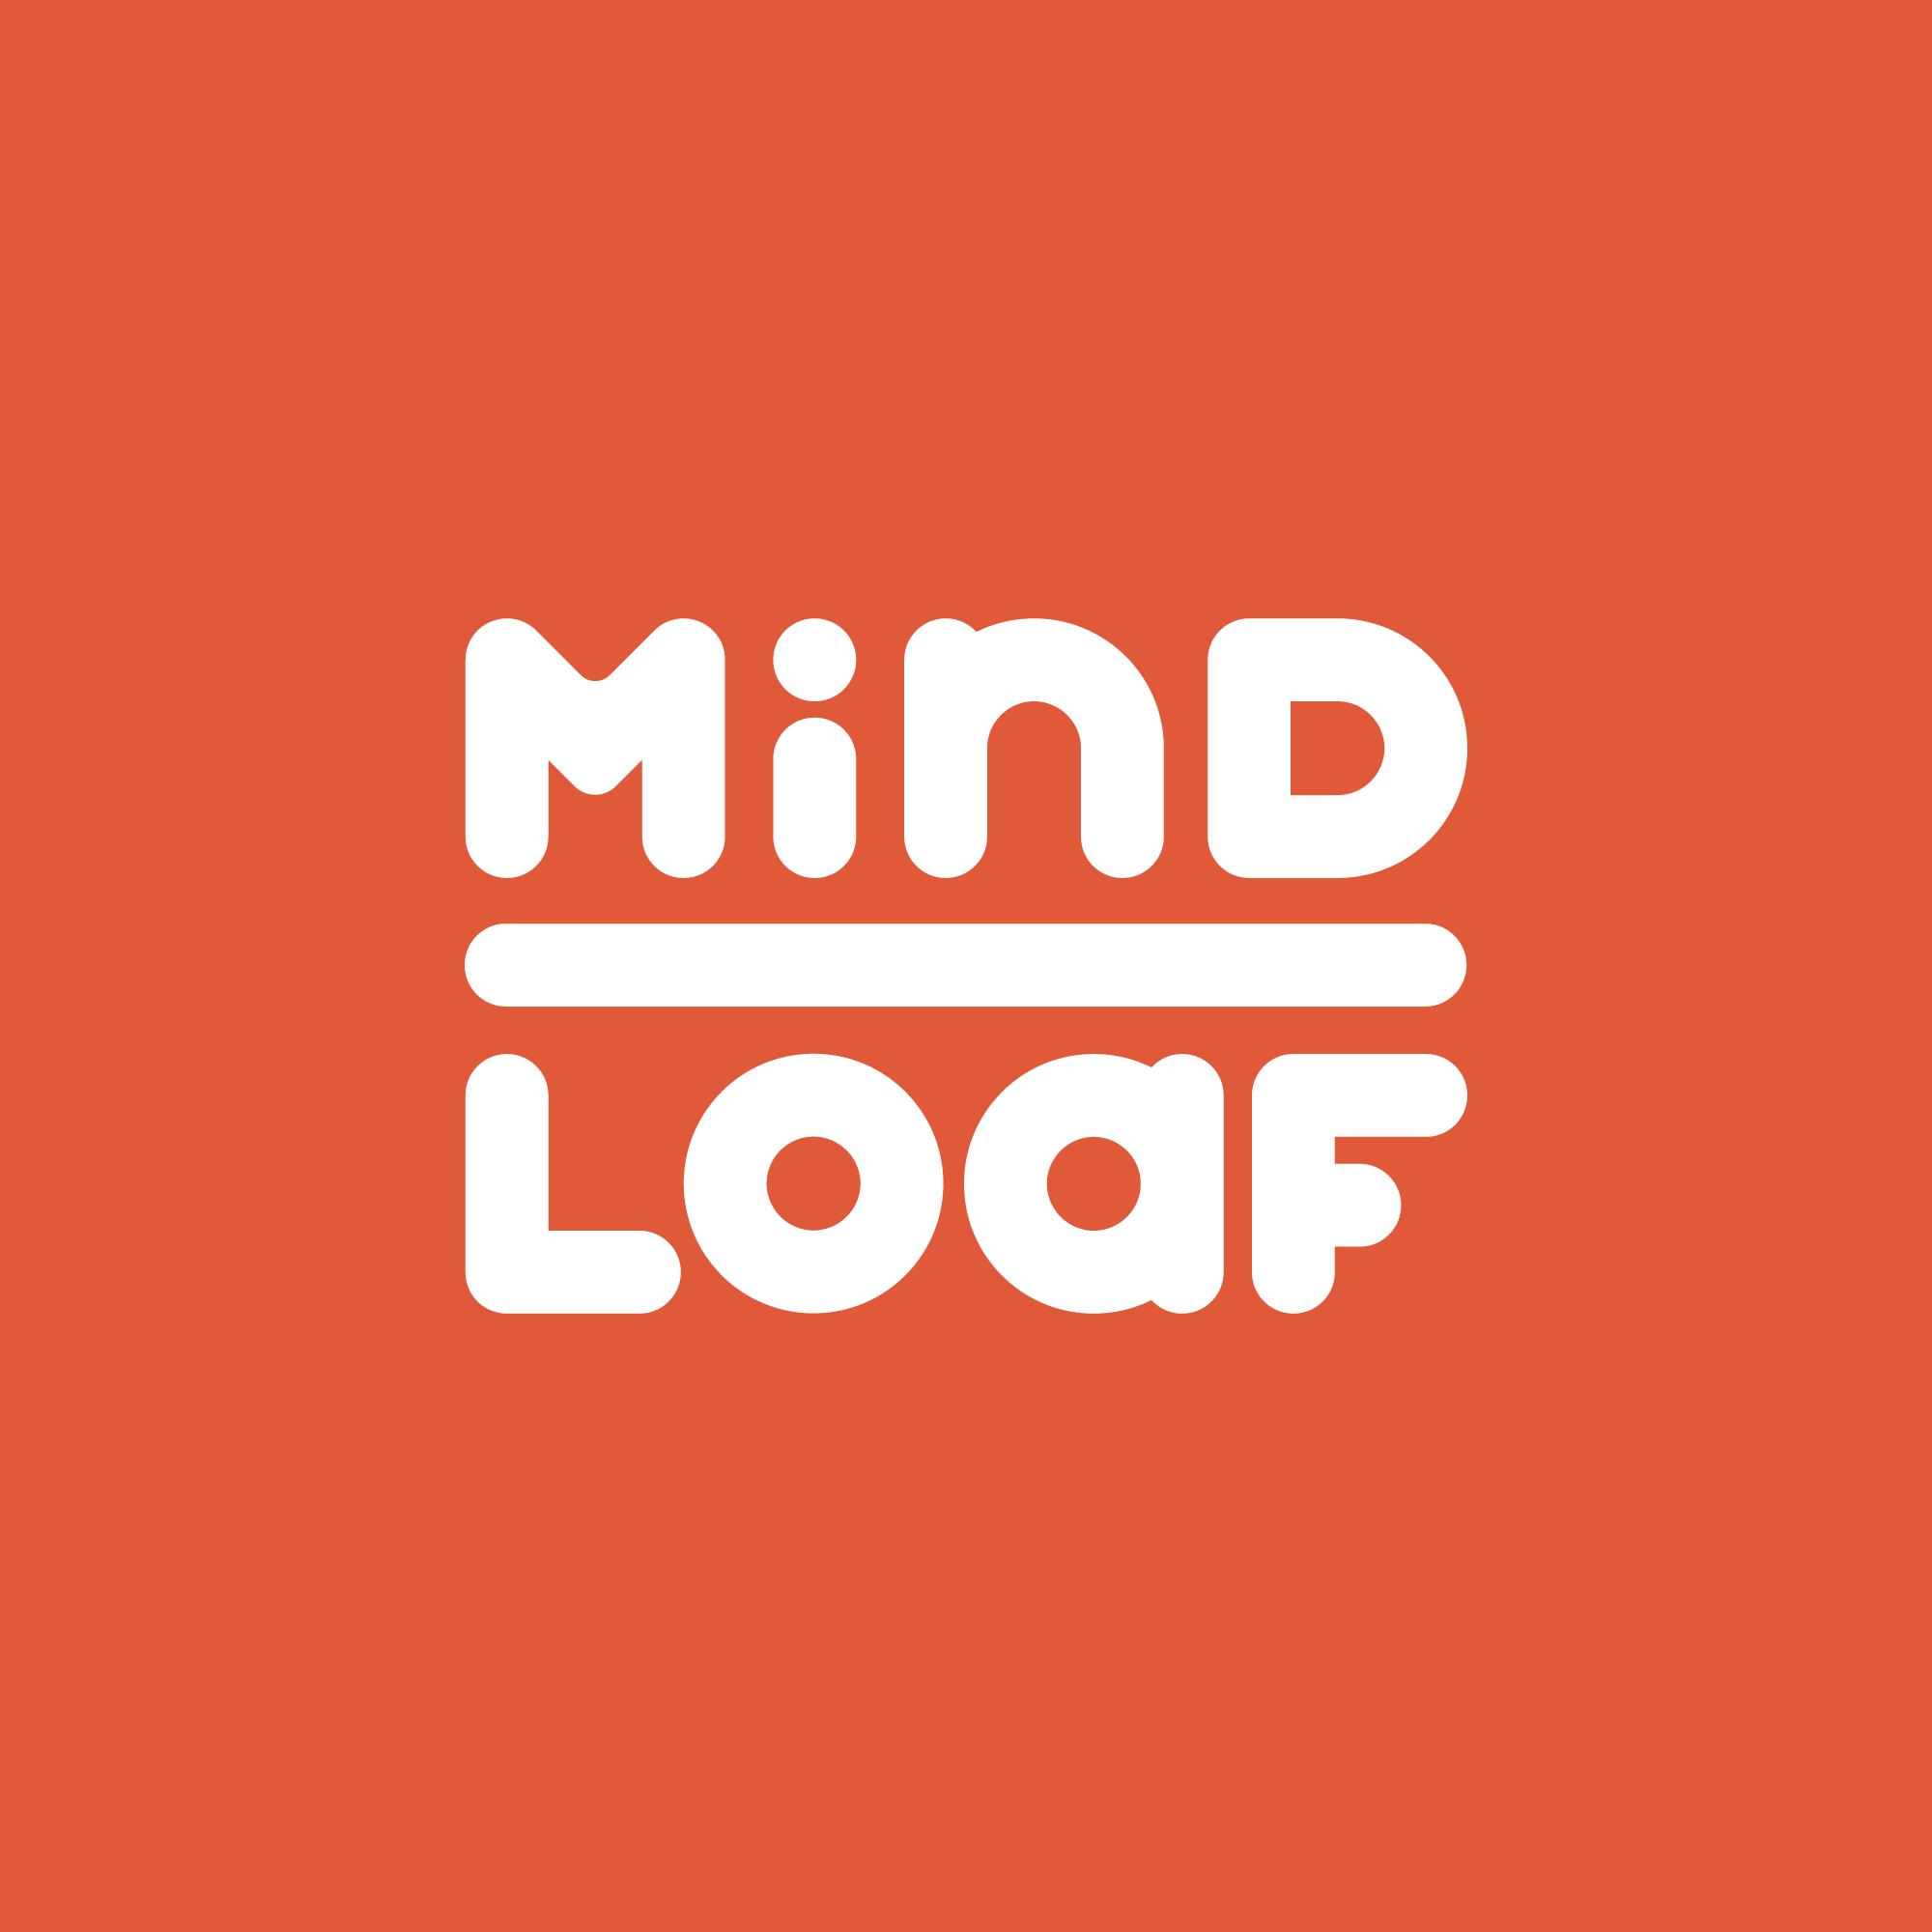 MindLoaf logo red